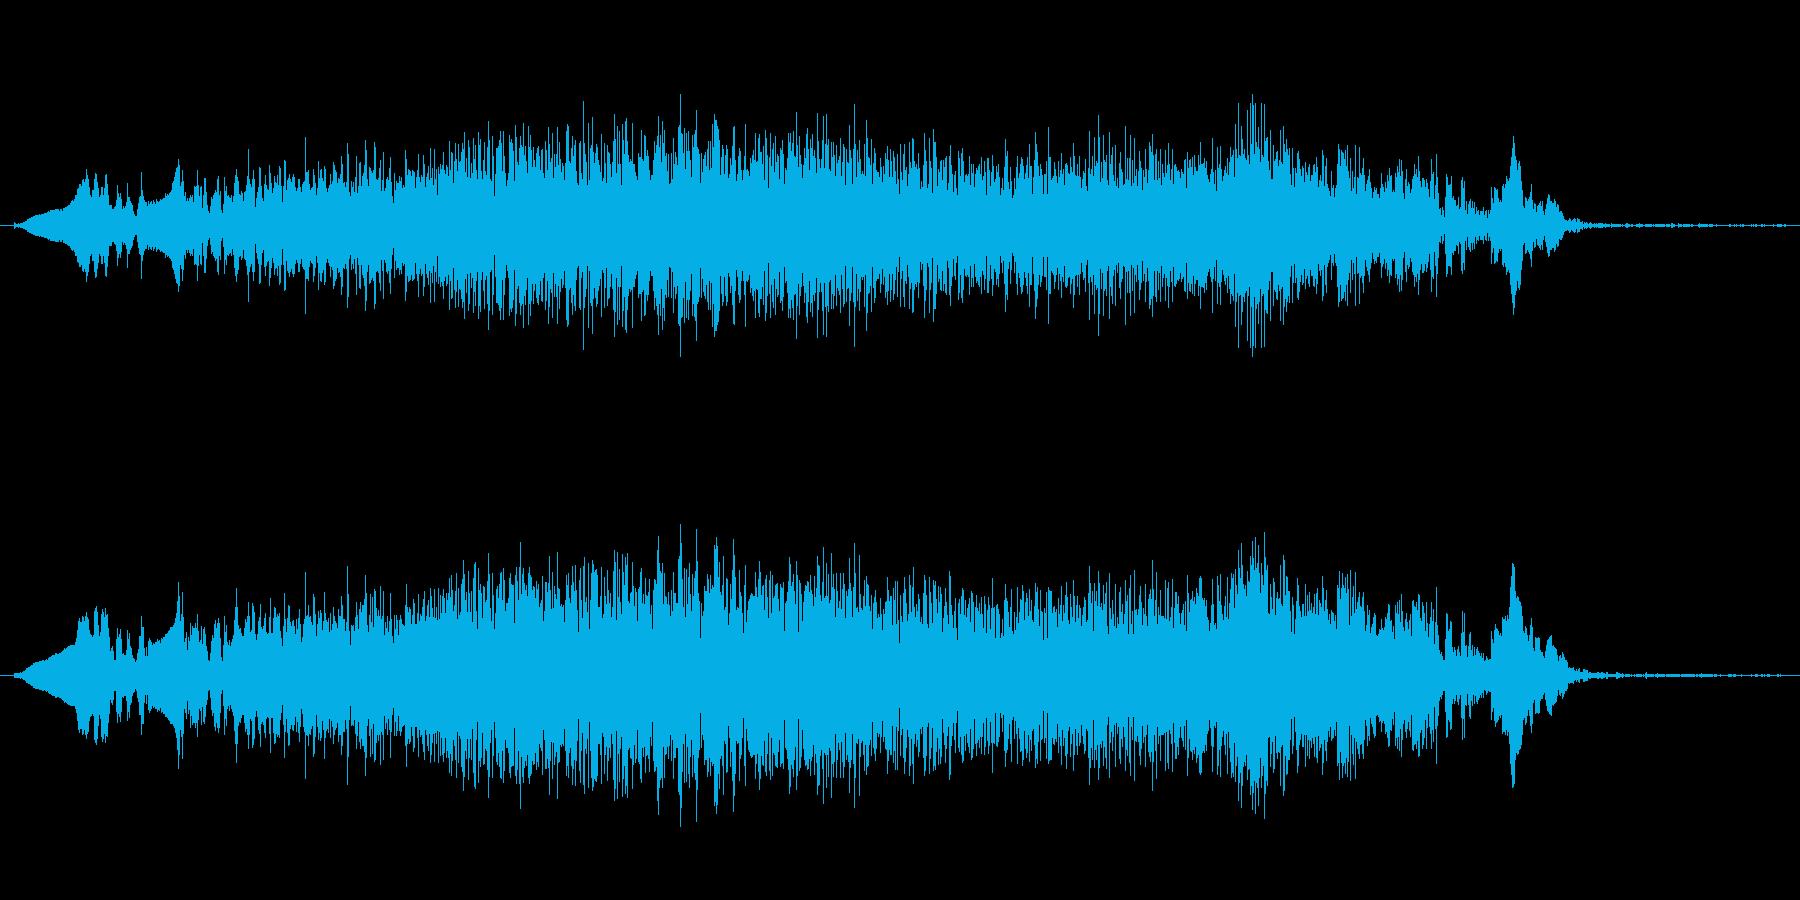 ぐおおおお(モンスターボイス)の再生済みの波形